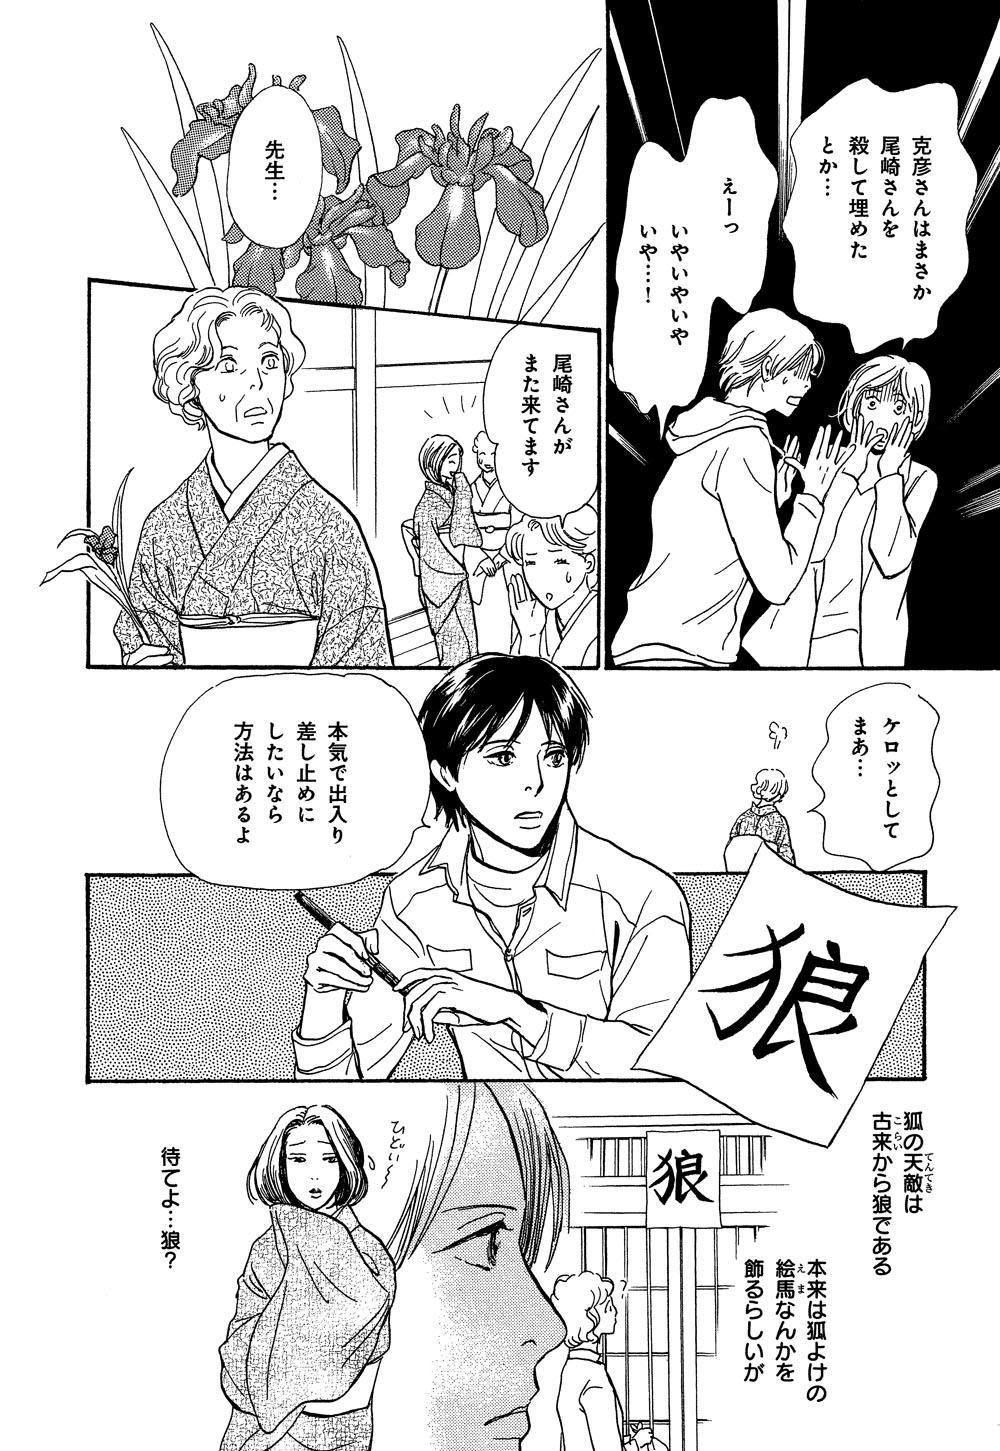 hyakki_0021_0038.jpg